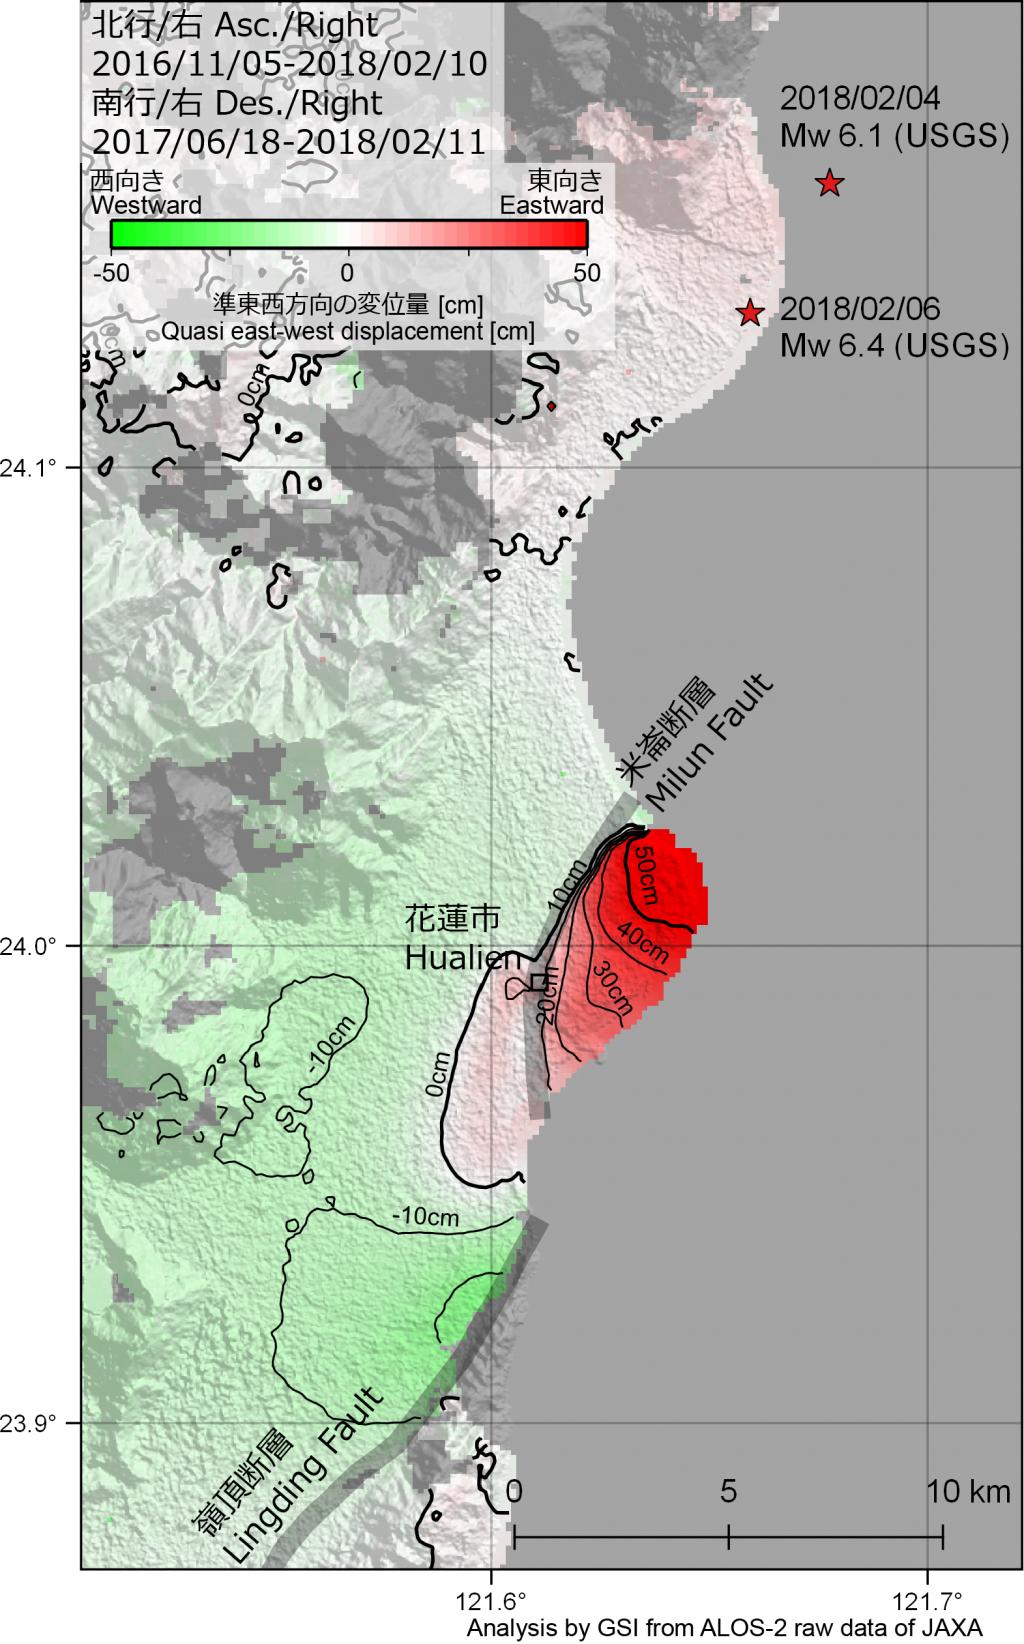 照片來源:日本ALOS-2的地質強度指標分析圖(GSI:Geological Strength Index)